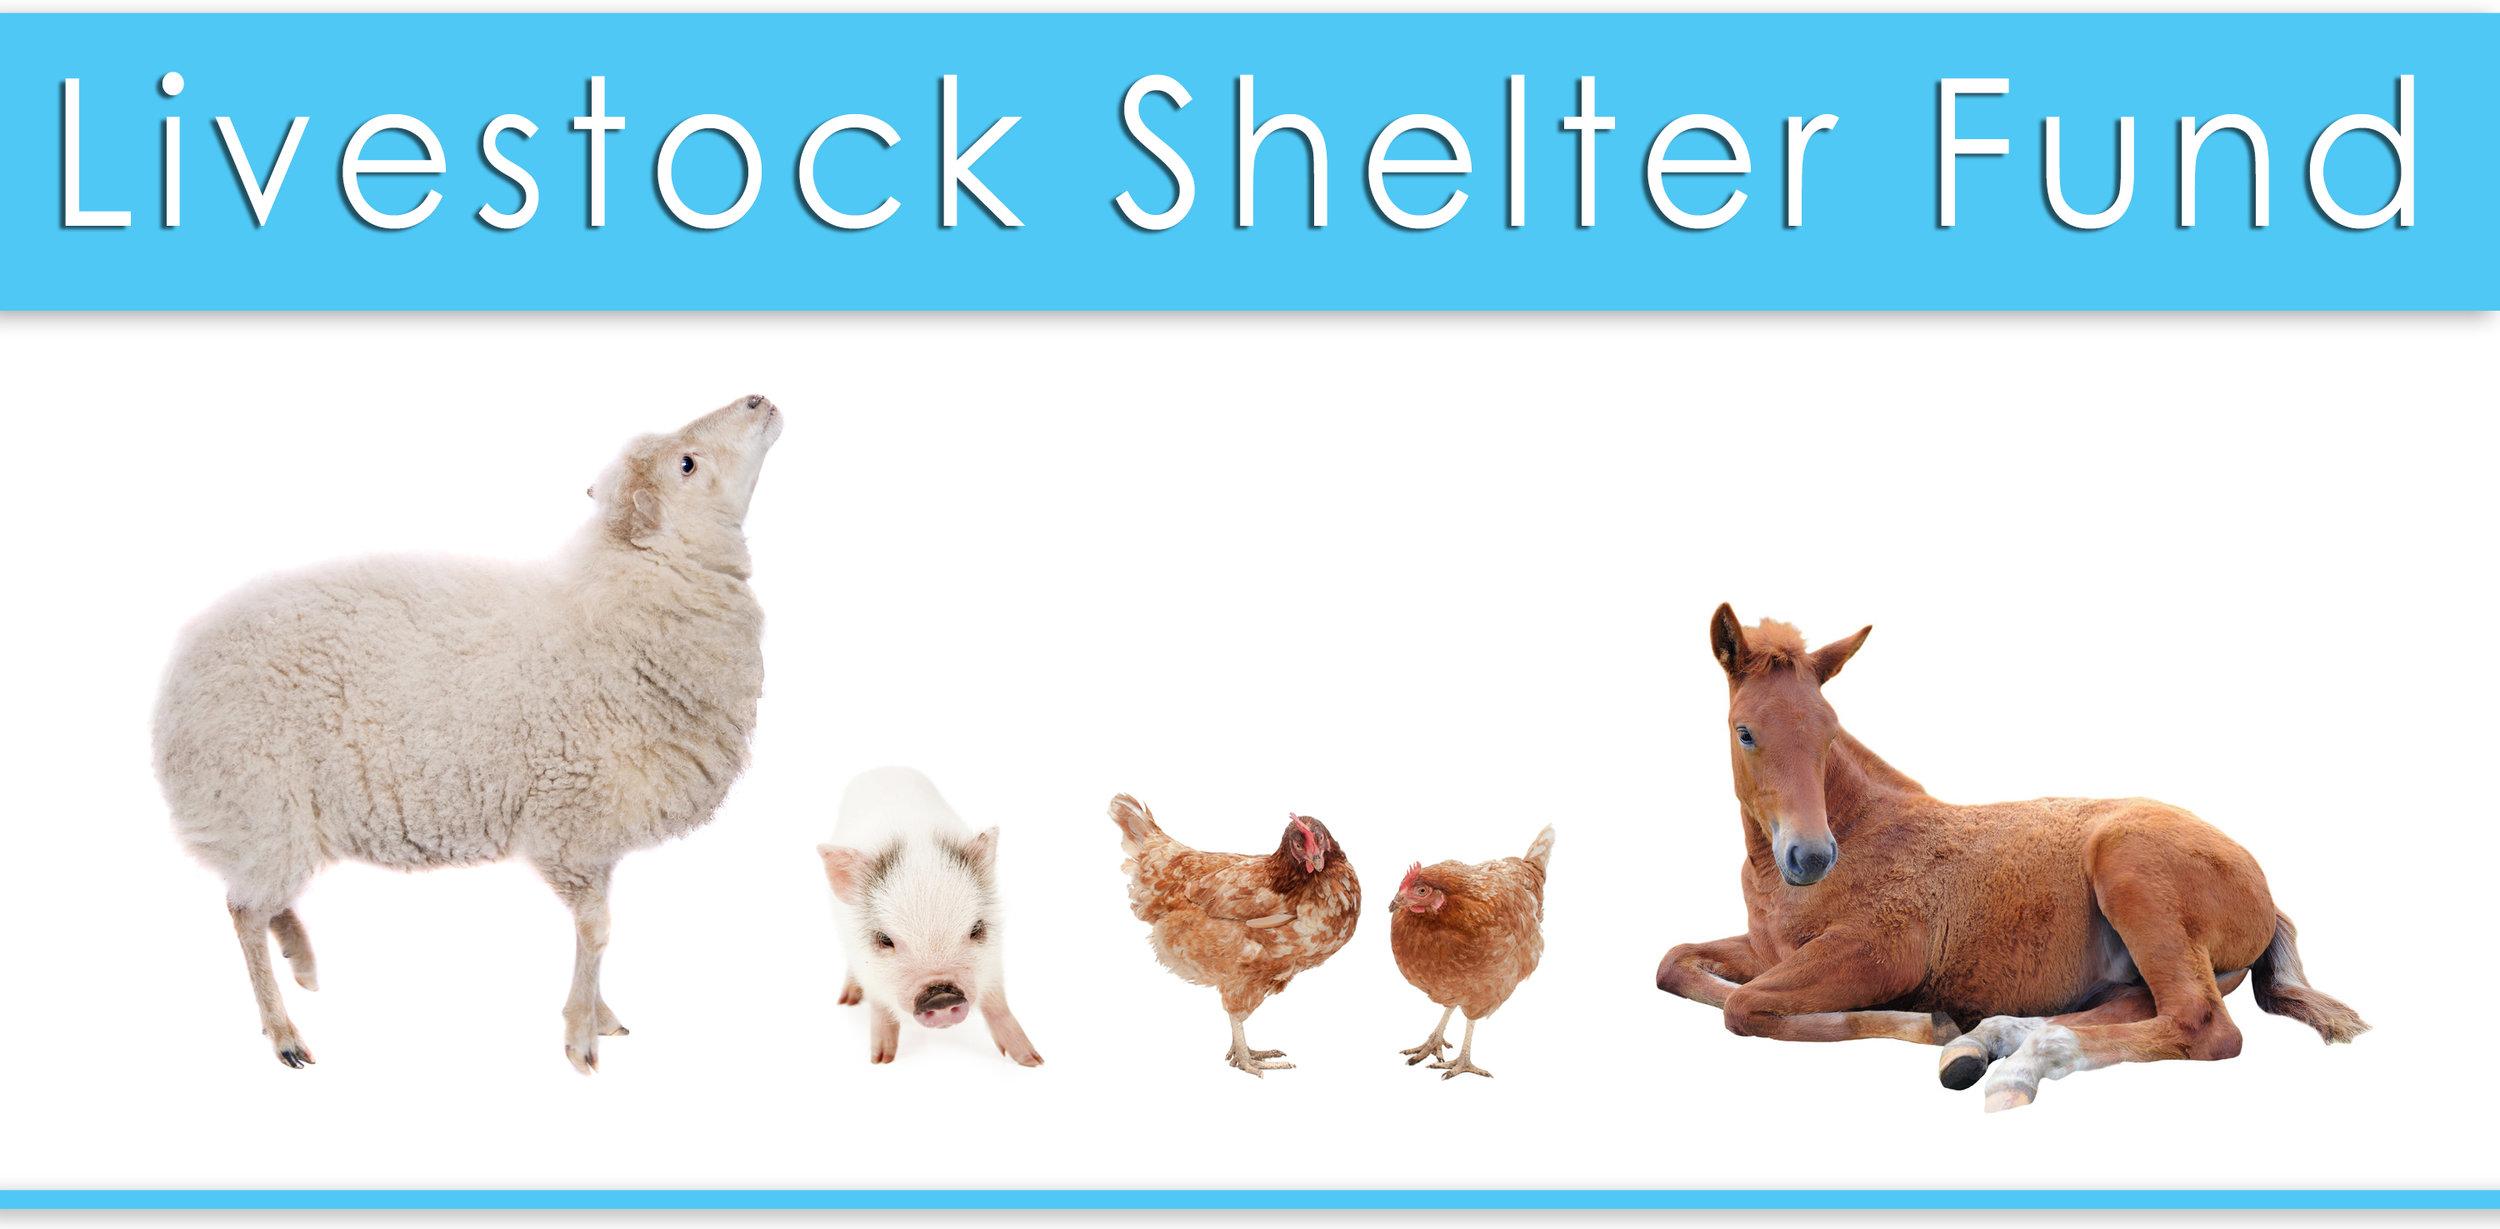 livestock shelter fund.jpg